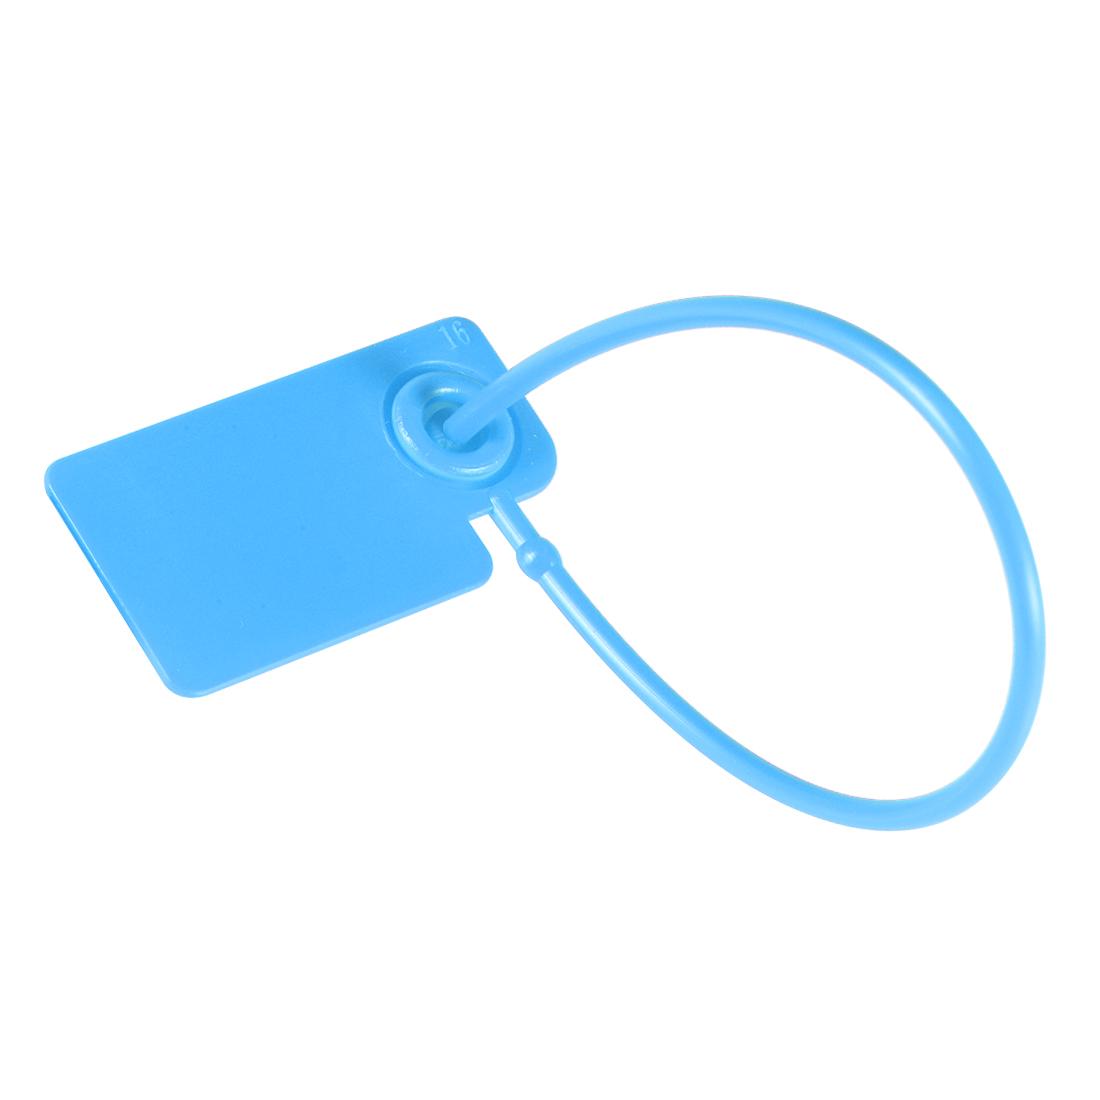 Plastic Zip Ties Seals Anti-Tamper 165mm Length, Blue, Pack of 100